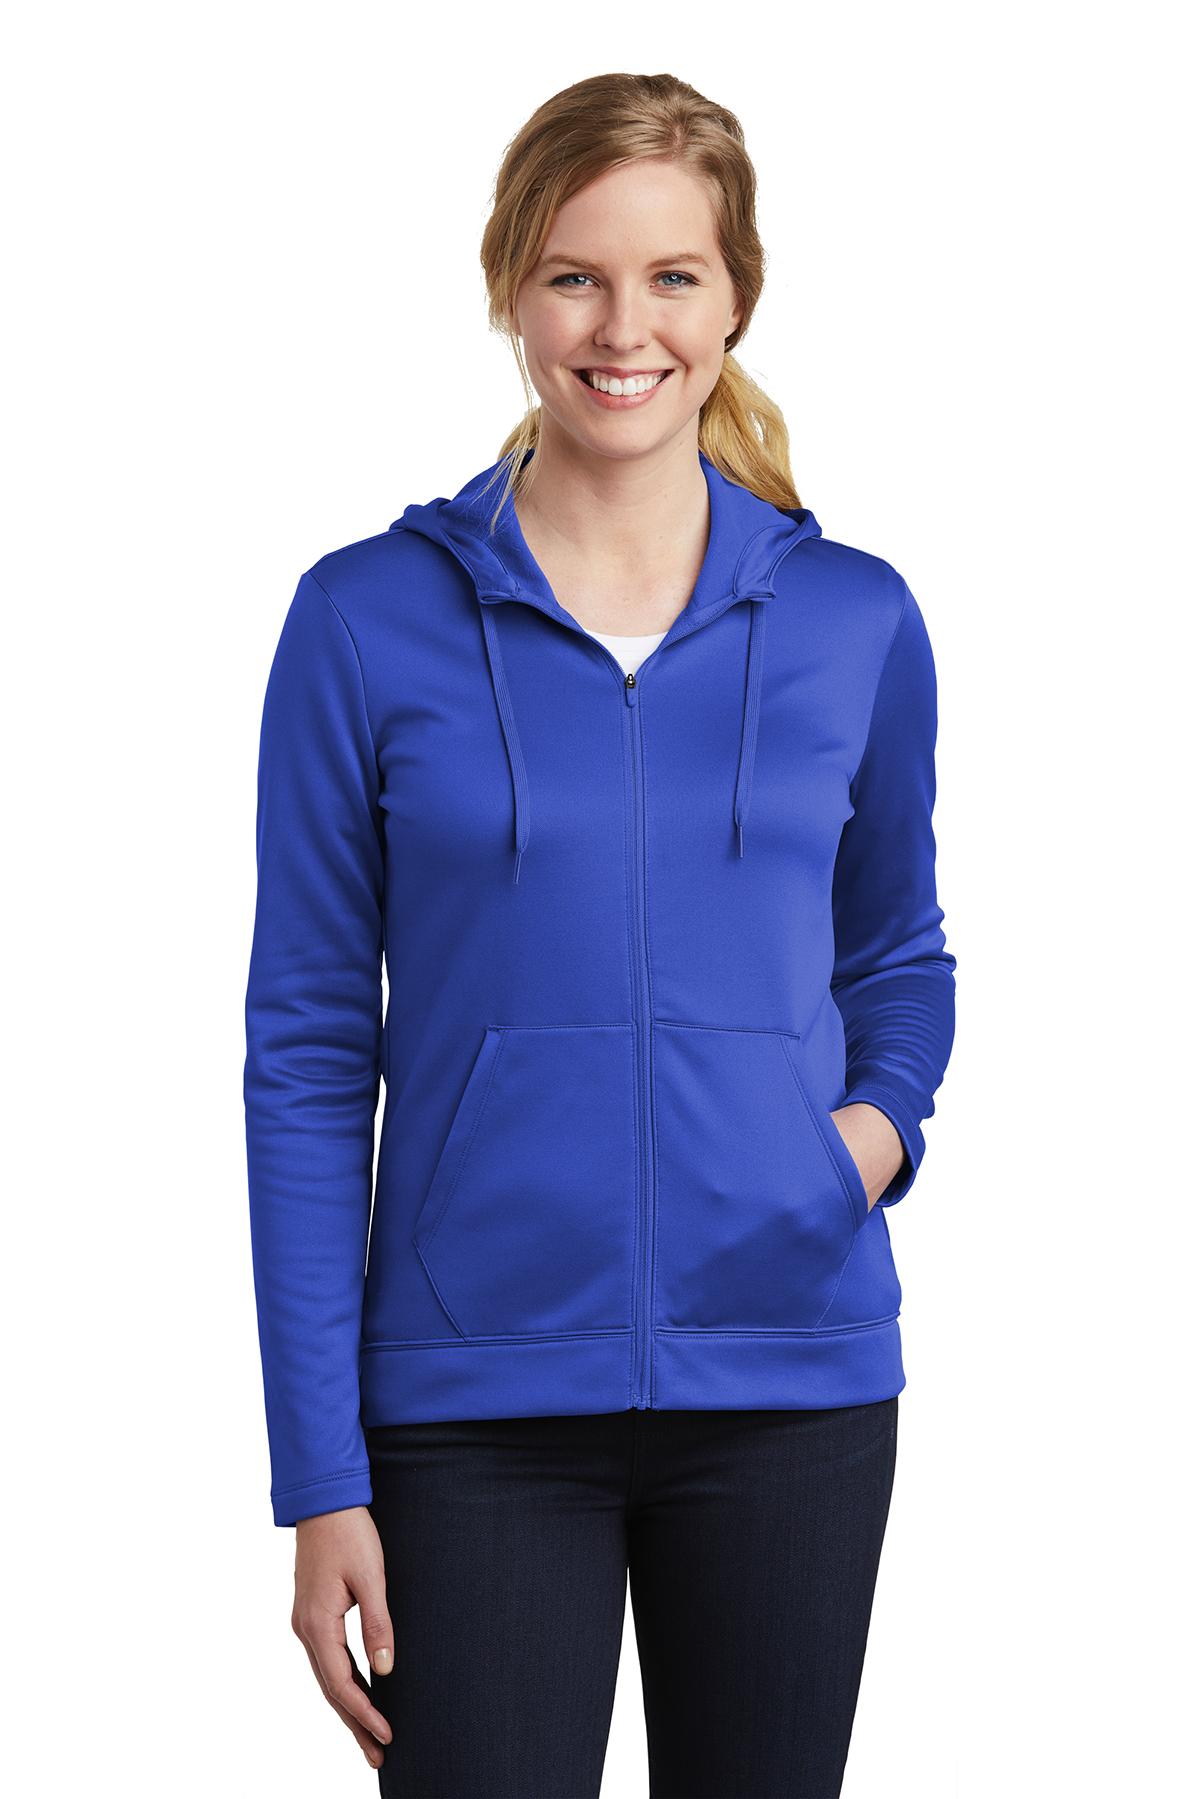 fcb00f54 Nike Ladies Therma-FIT Full-Zip Fleece Hoodie | Sweatshirts/Fleece ...